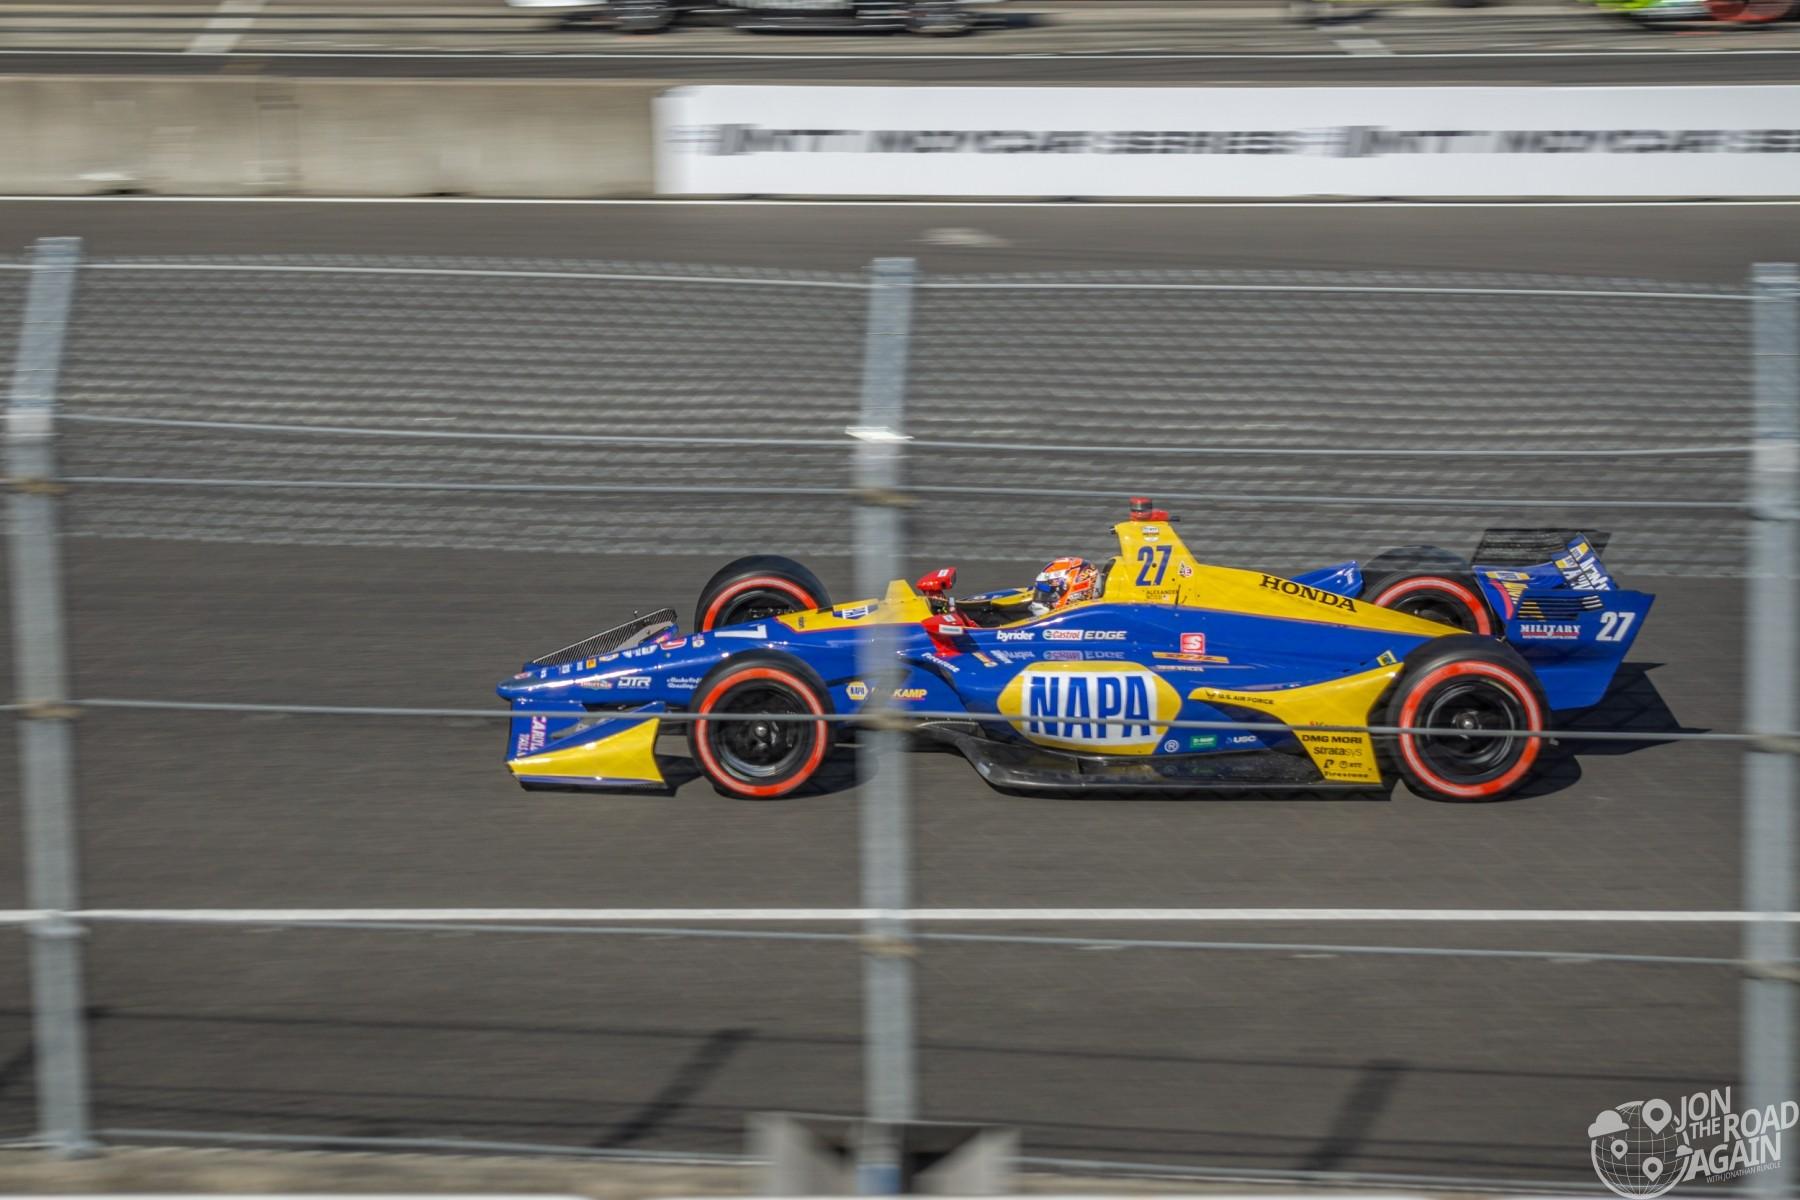 Napa Indycar